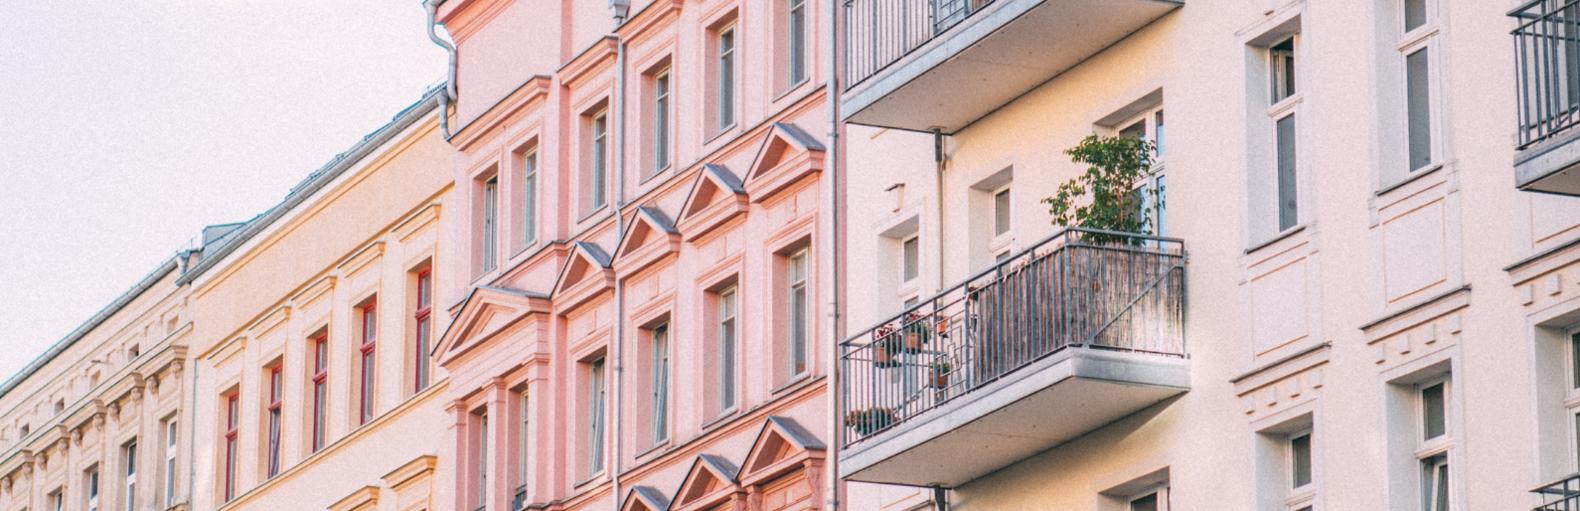 Сколько стоит снять квартиру в чехии квартиры в швейцарии стоимость